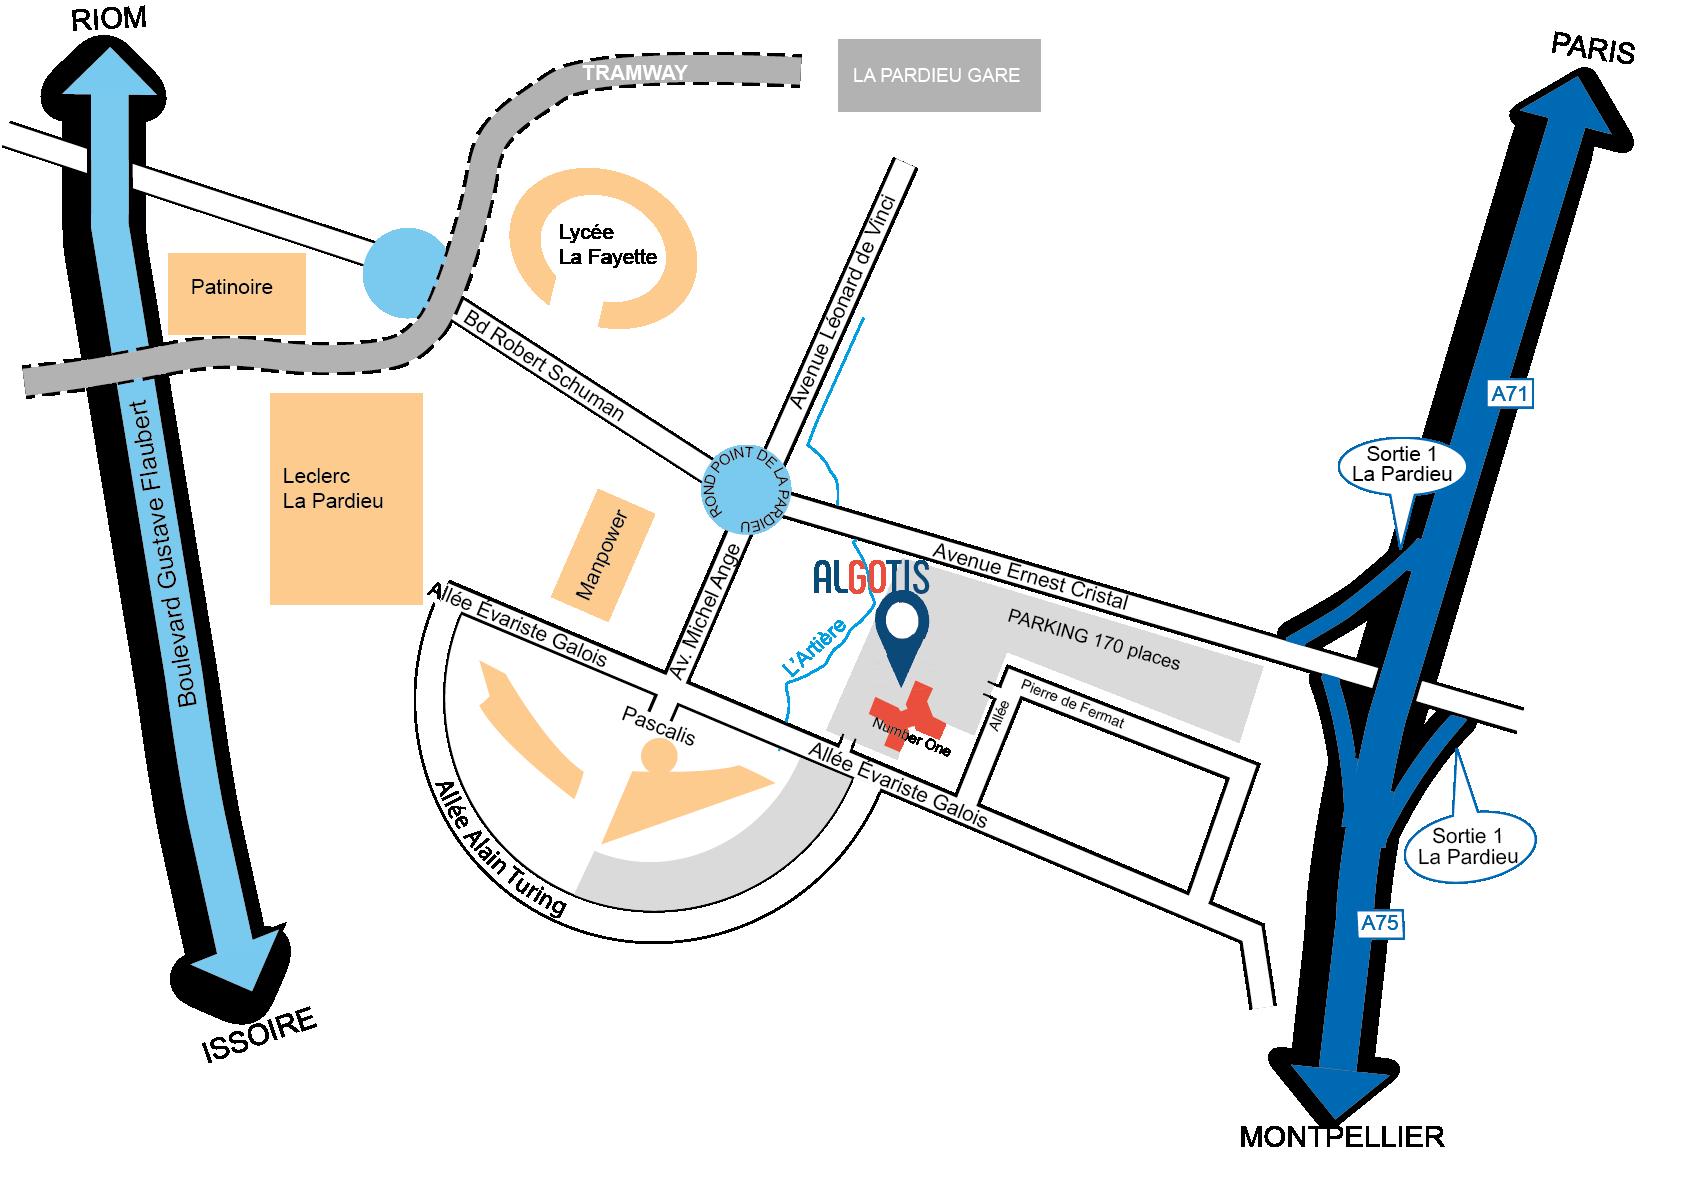 Algotis-plan acces E GALOIS